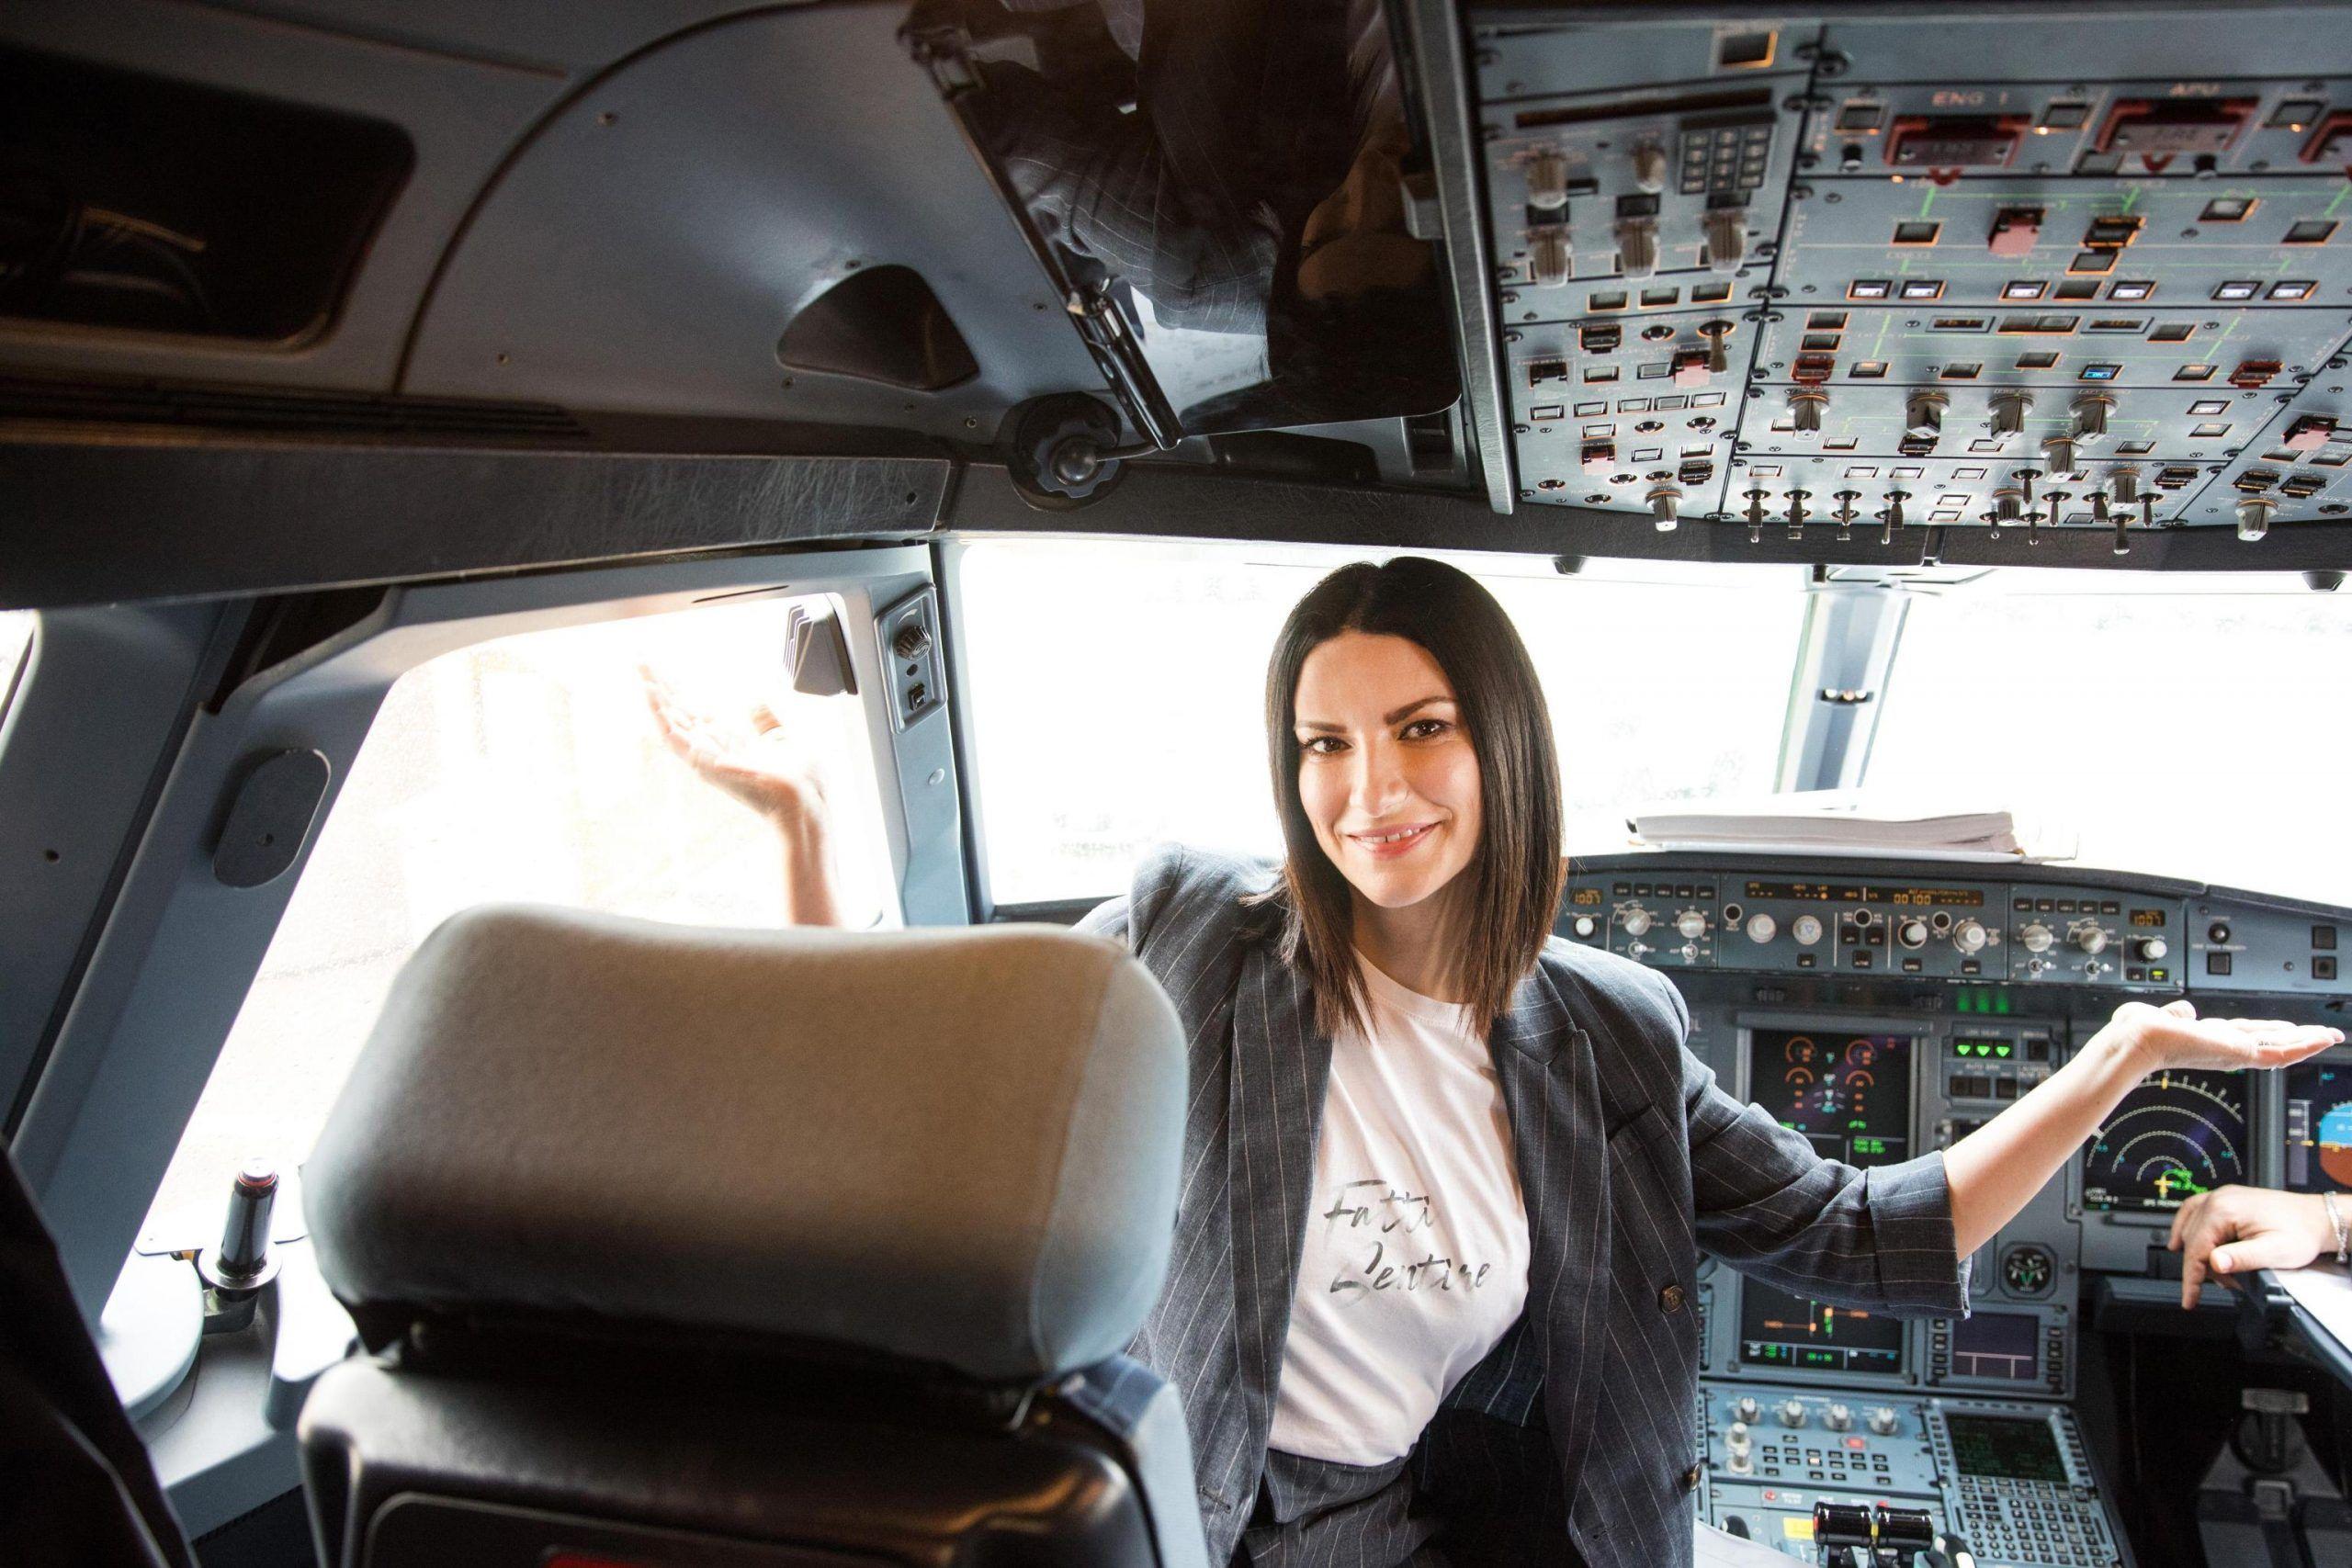 Fatti Sentire, Laura Pausini torna con il nuovo album e festeggia i 25 anni di carriera in volo